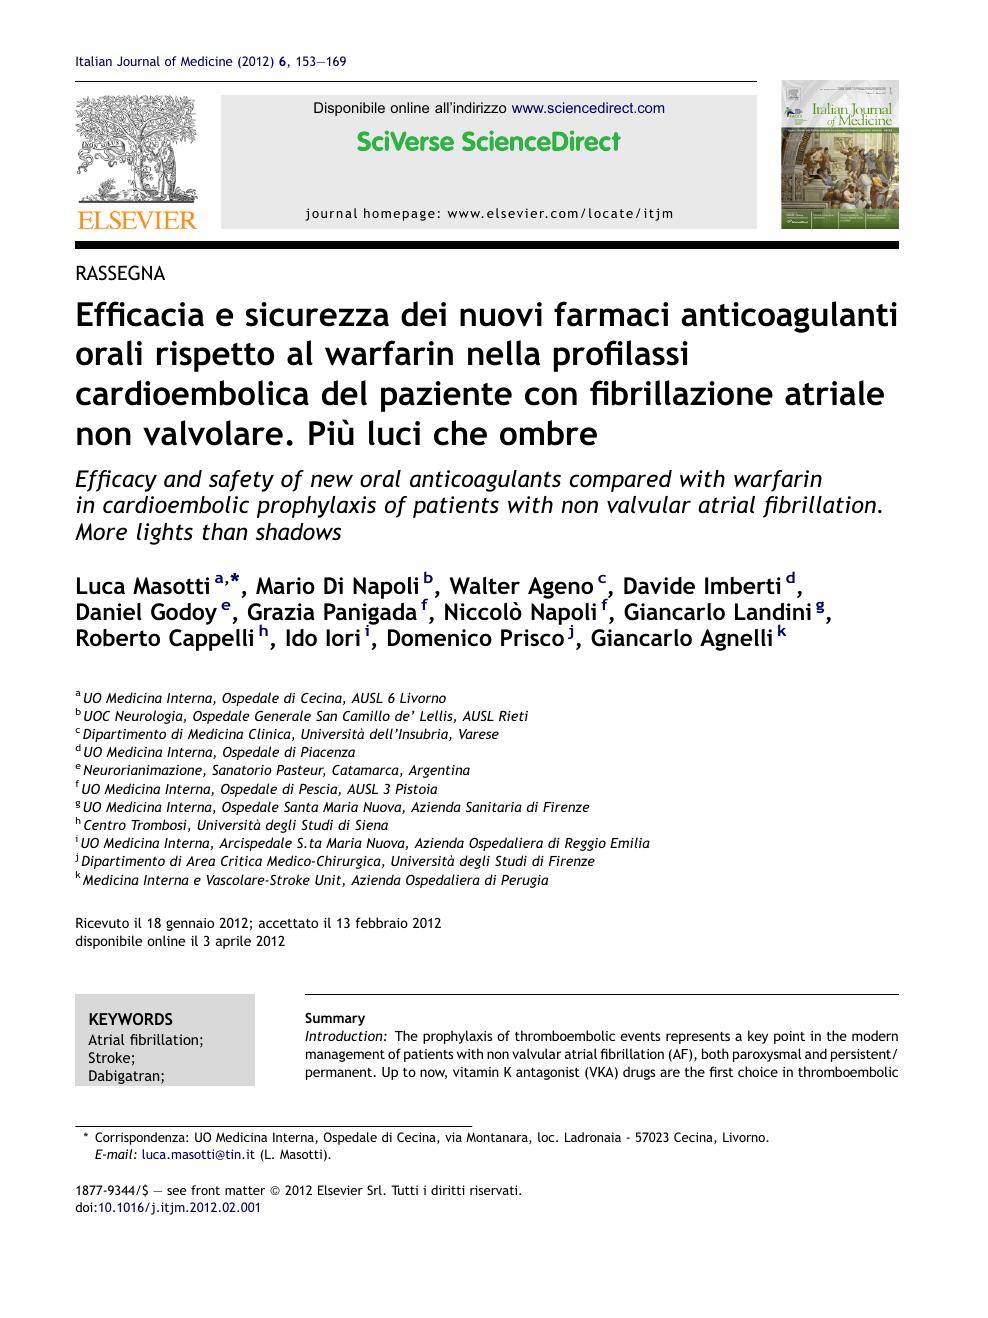 in che modo il warfarin influisce sullerezione erezione debole e un membro cade